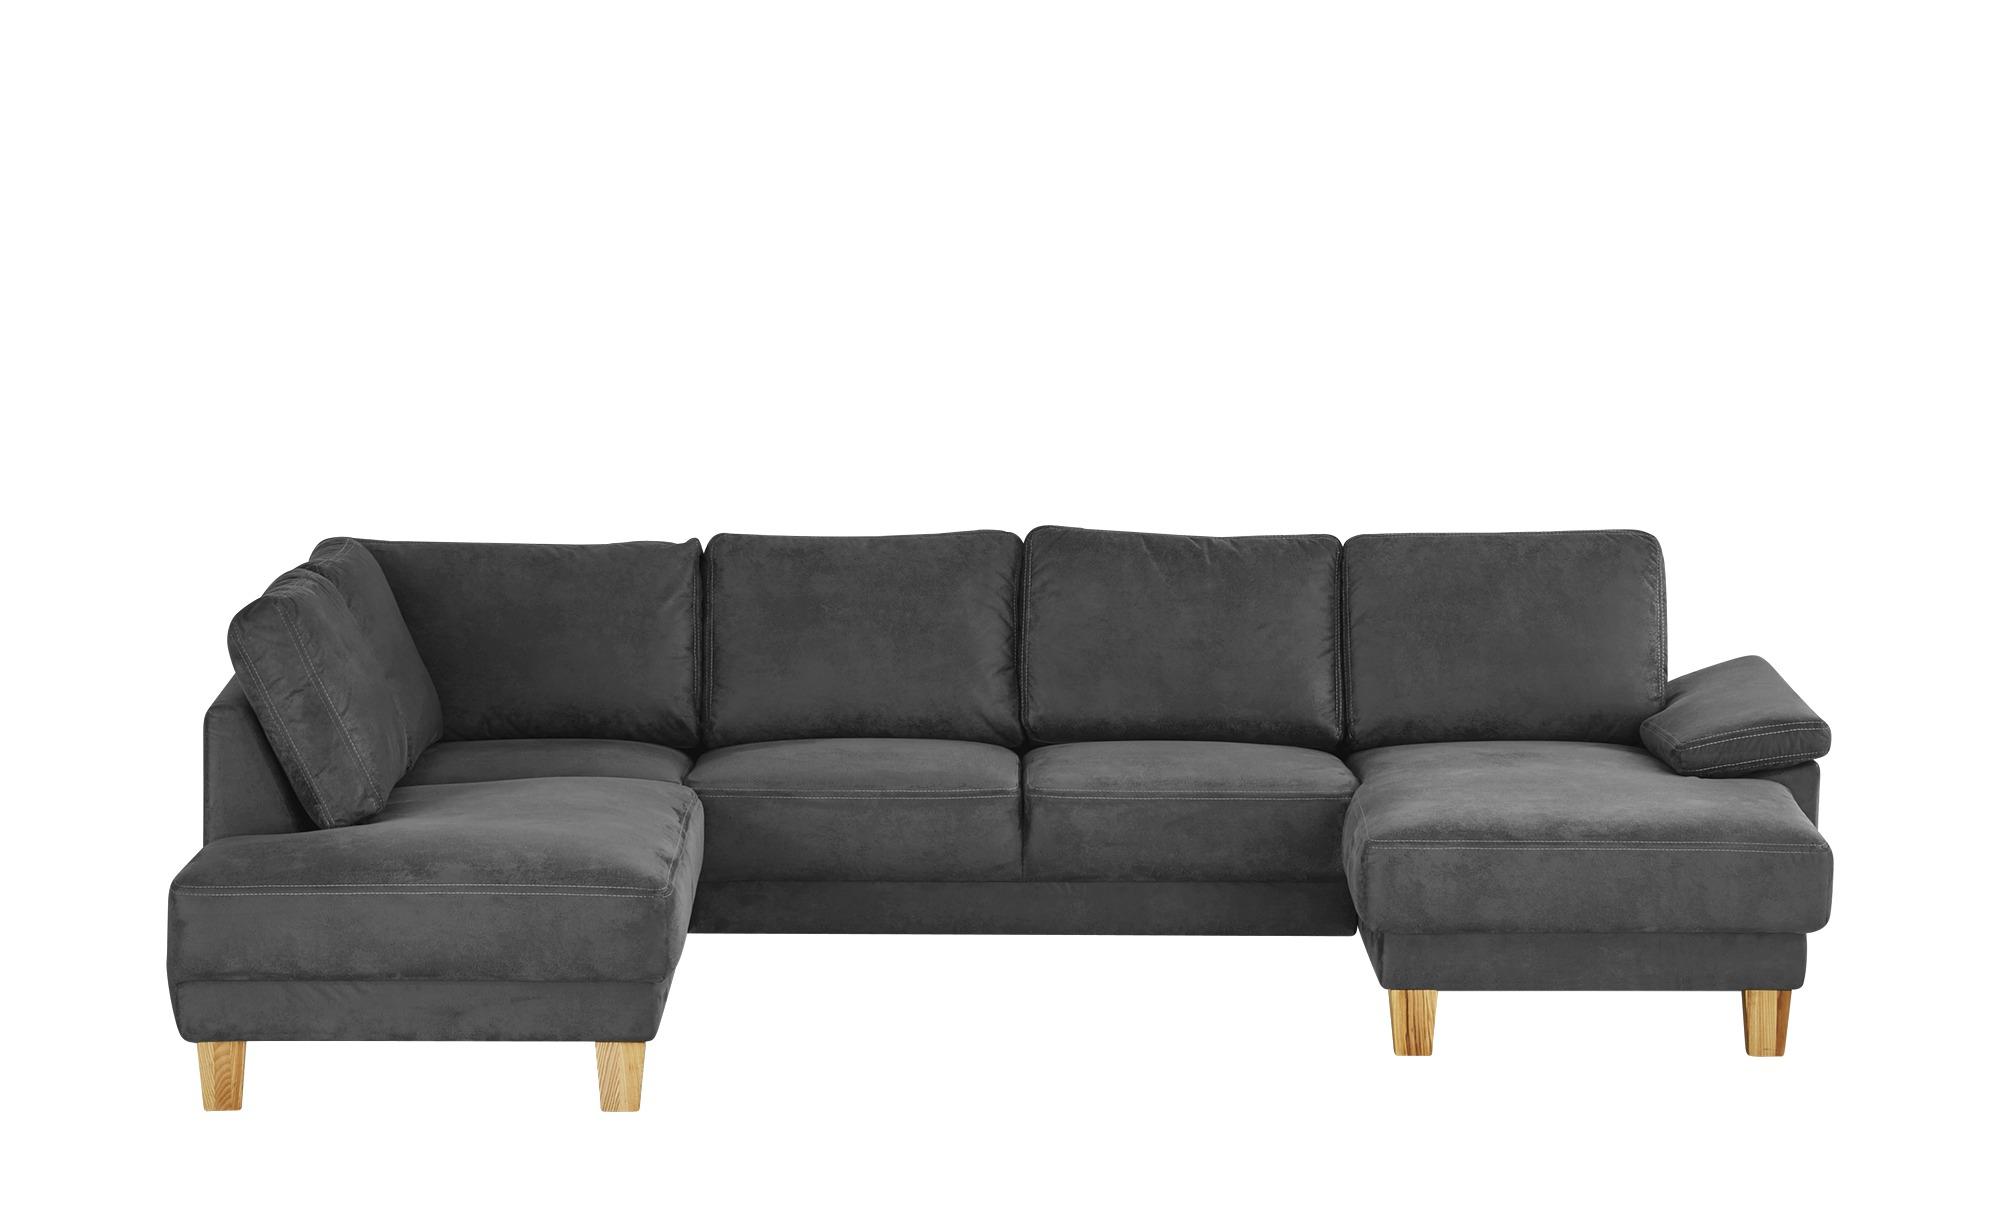 Gunstige Couch Online Bestellen Sofa Mit Schlaffunktion Federkern Billig Couch Online Kaufen Eckso Wohnen Sofa Mit Schlaffunktion Billige Couch